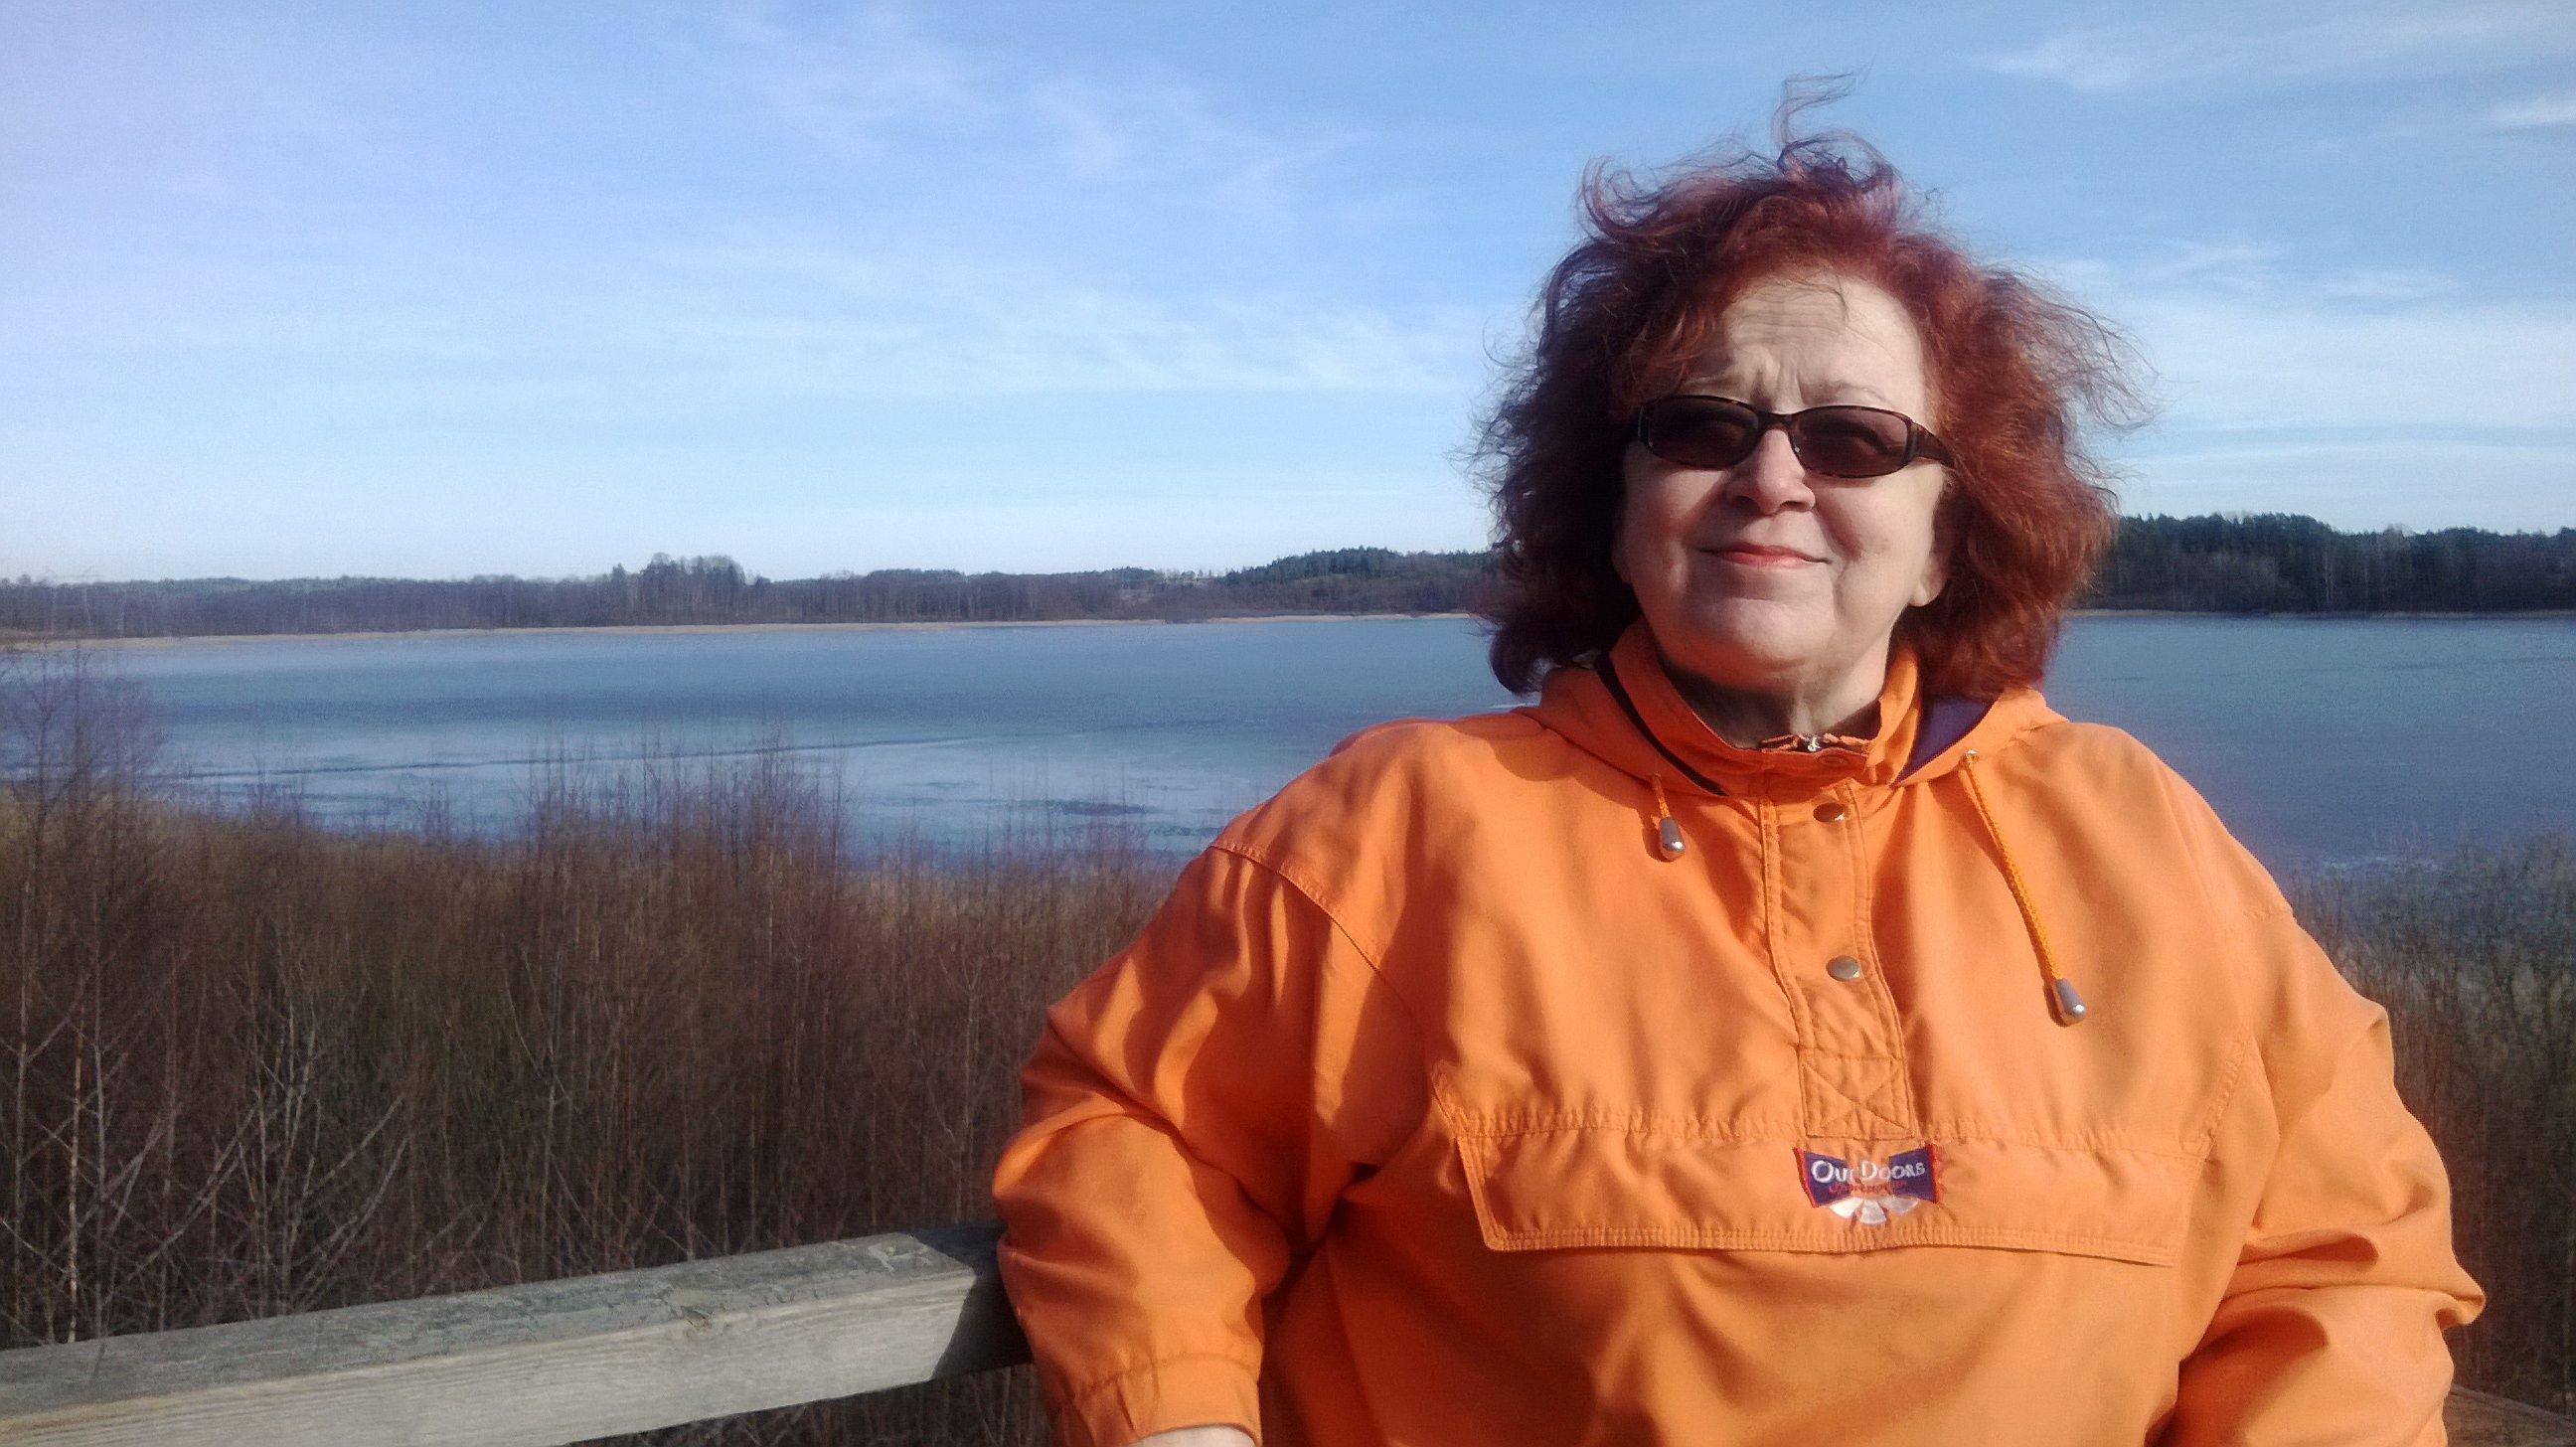 Joskus keväällä näyttää että järvi on täynnä joutsenia ja muita muuttajia. Järvi on melko matala ja siellä on ainakin kaksi lintu tornia katselemista varten..